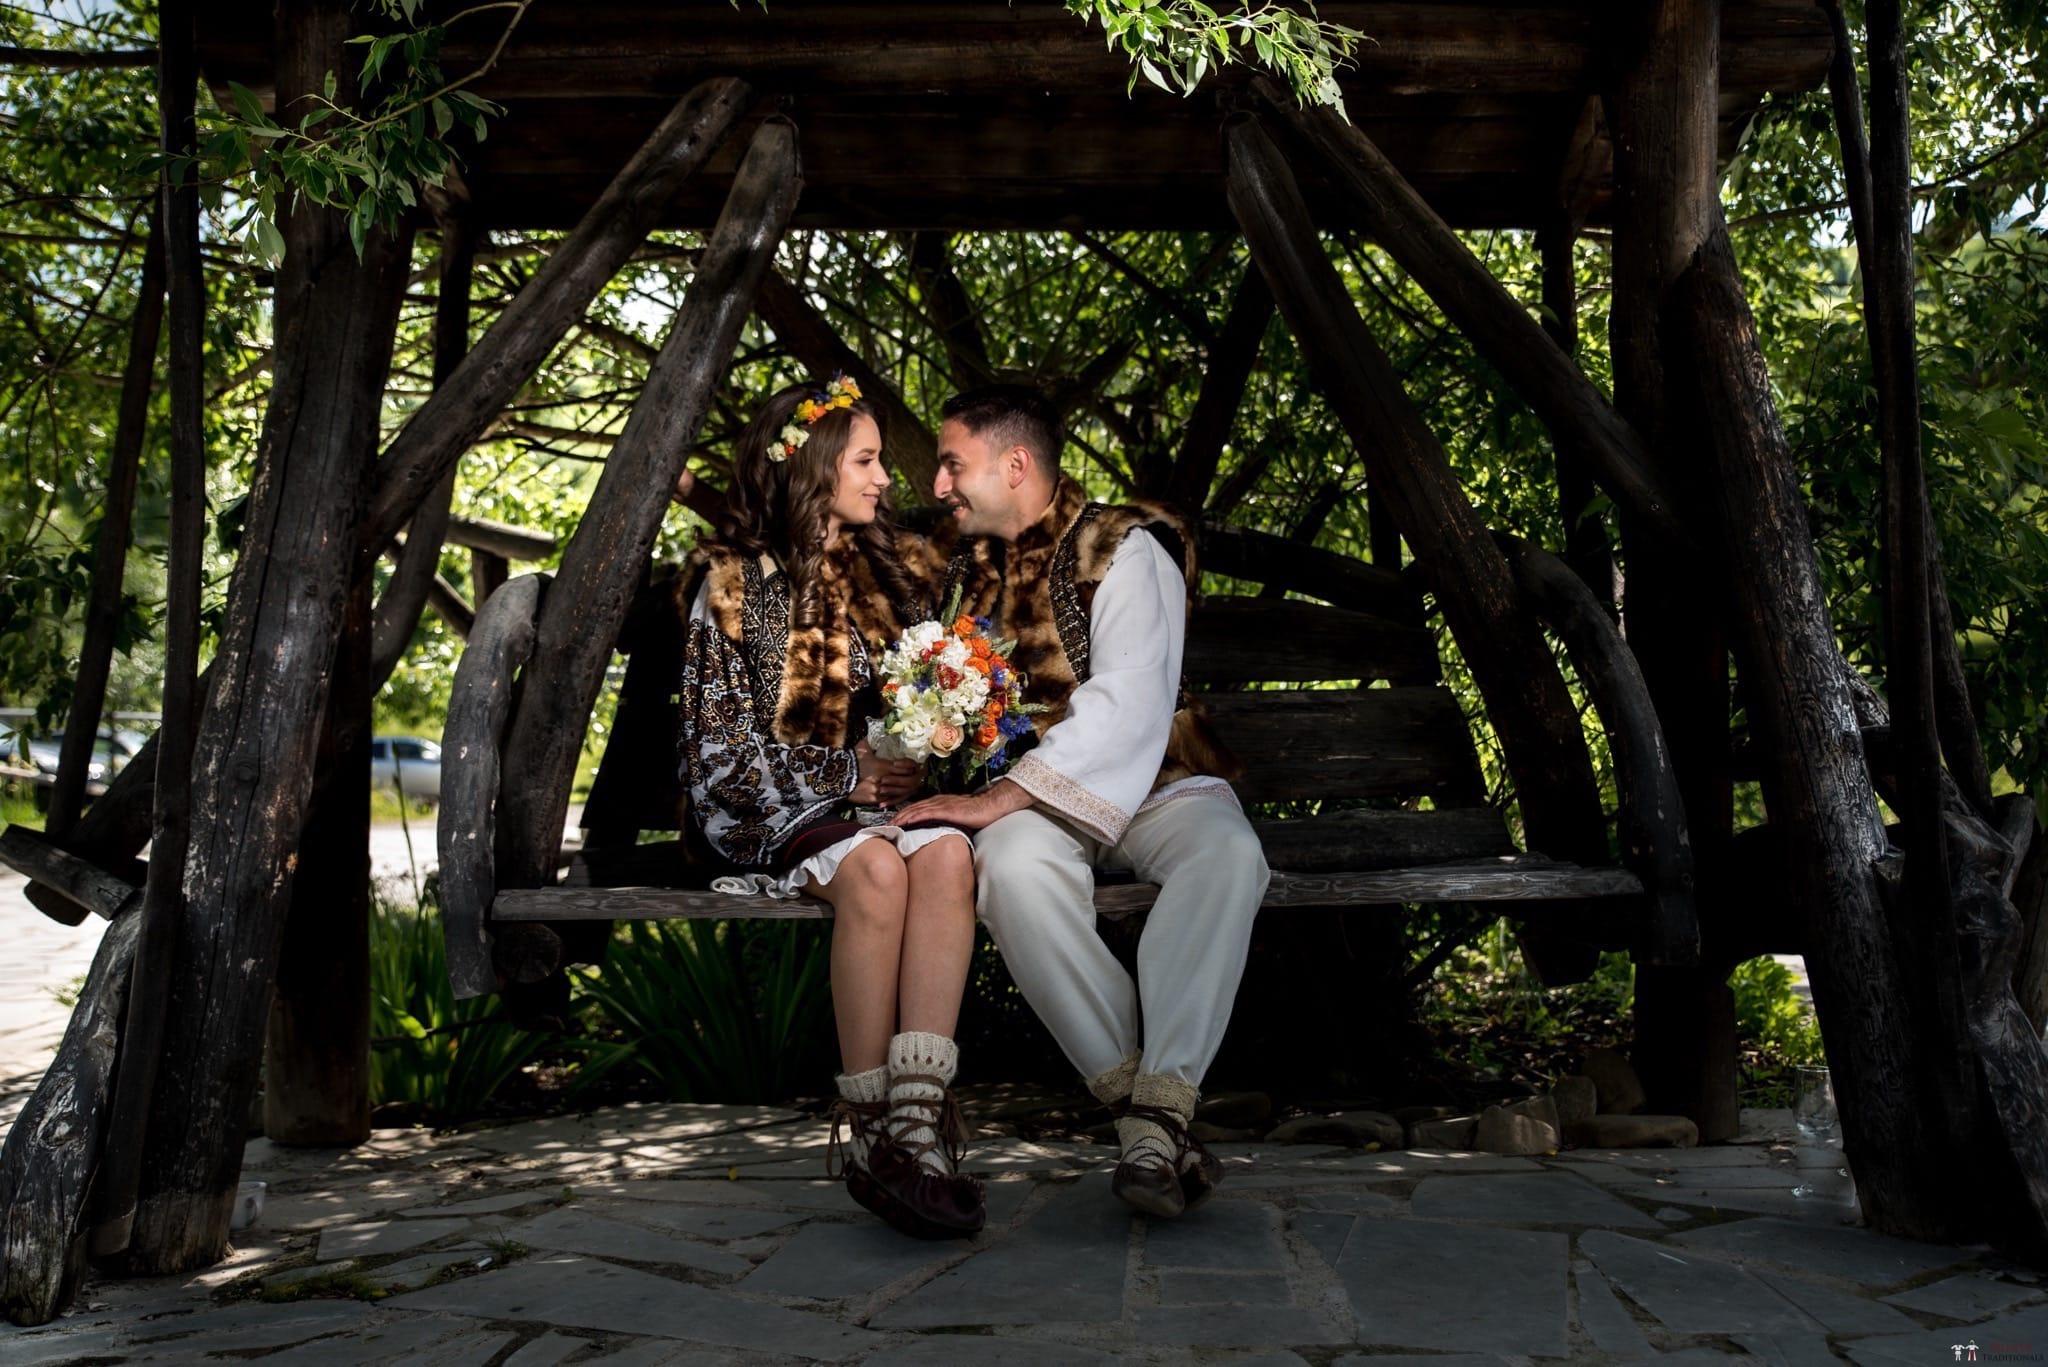 Povești Nunți Tradiționale - Irina și Alexandru, nuntă în Câmpulung Moldovenesc, Suceava 45